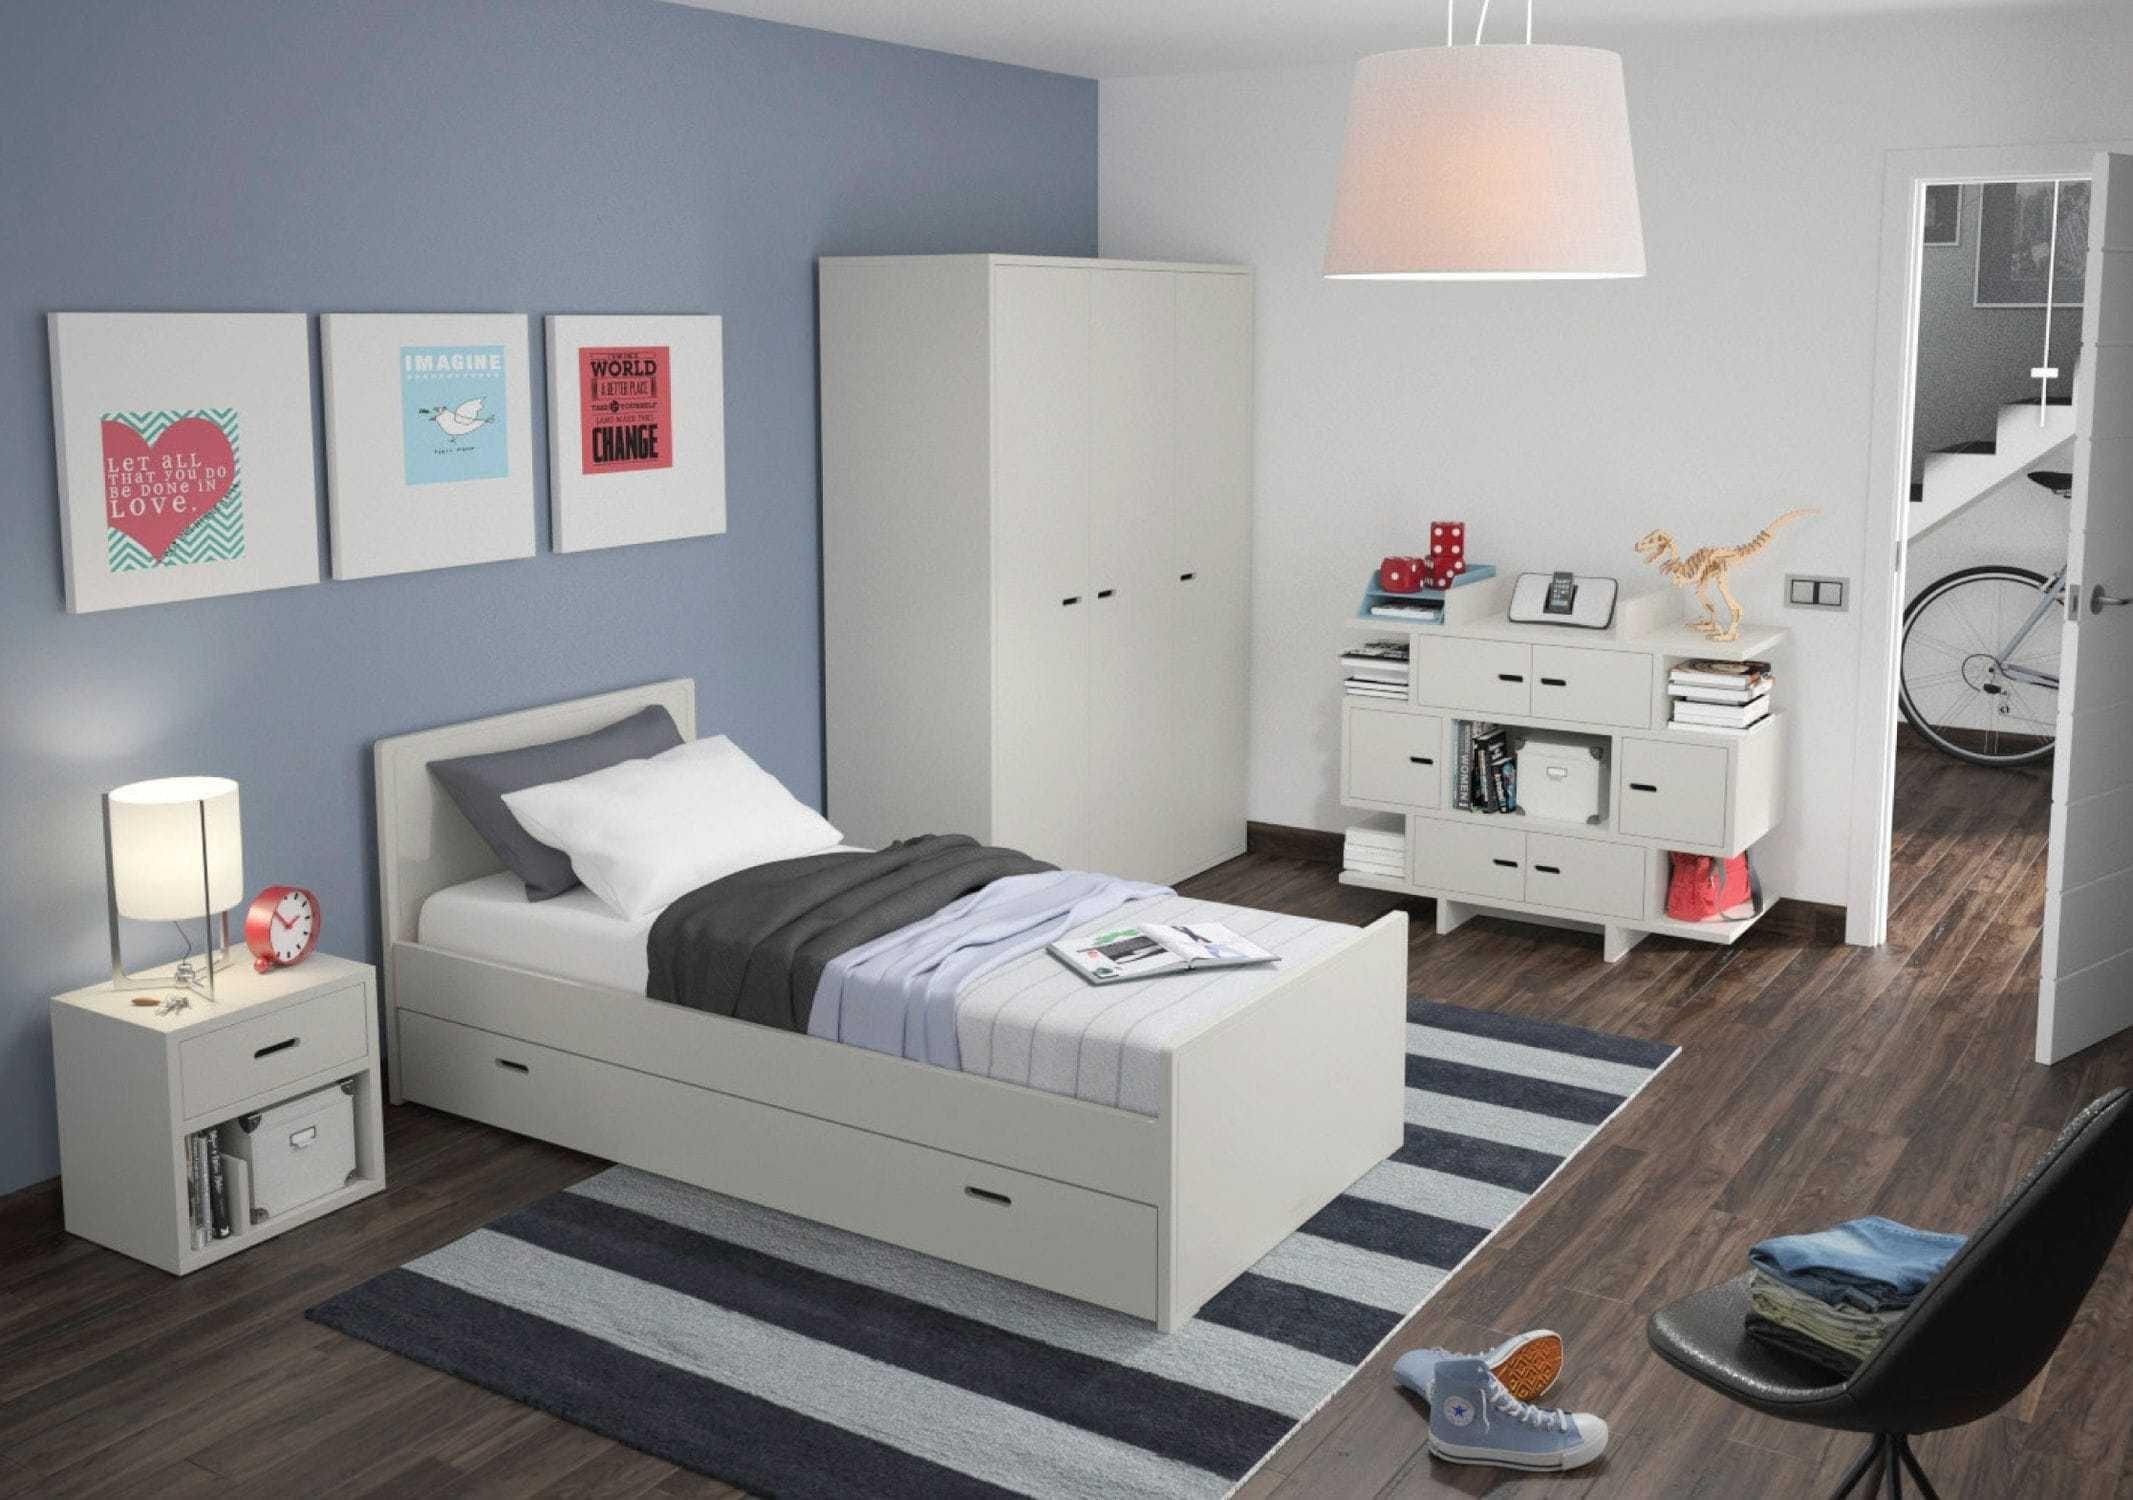 Toddler Bedroom Furniture Set Elegant 15 Lovely Childrens Bedroom Furniture Sets Ideas